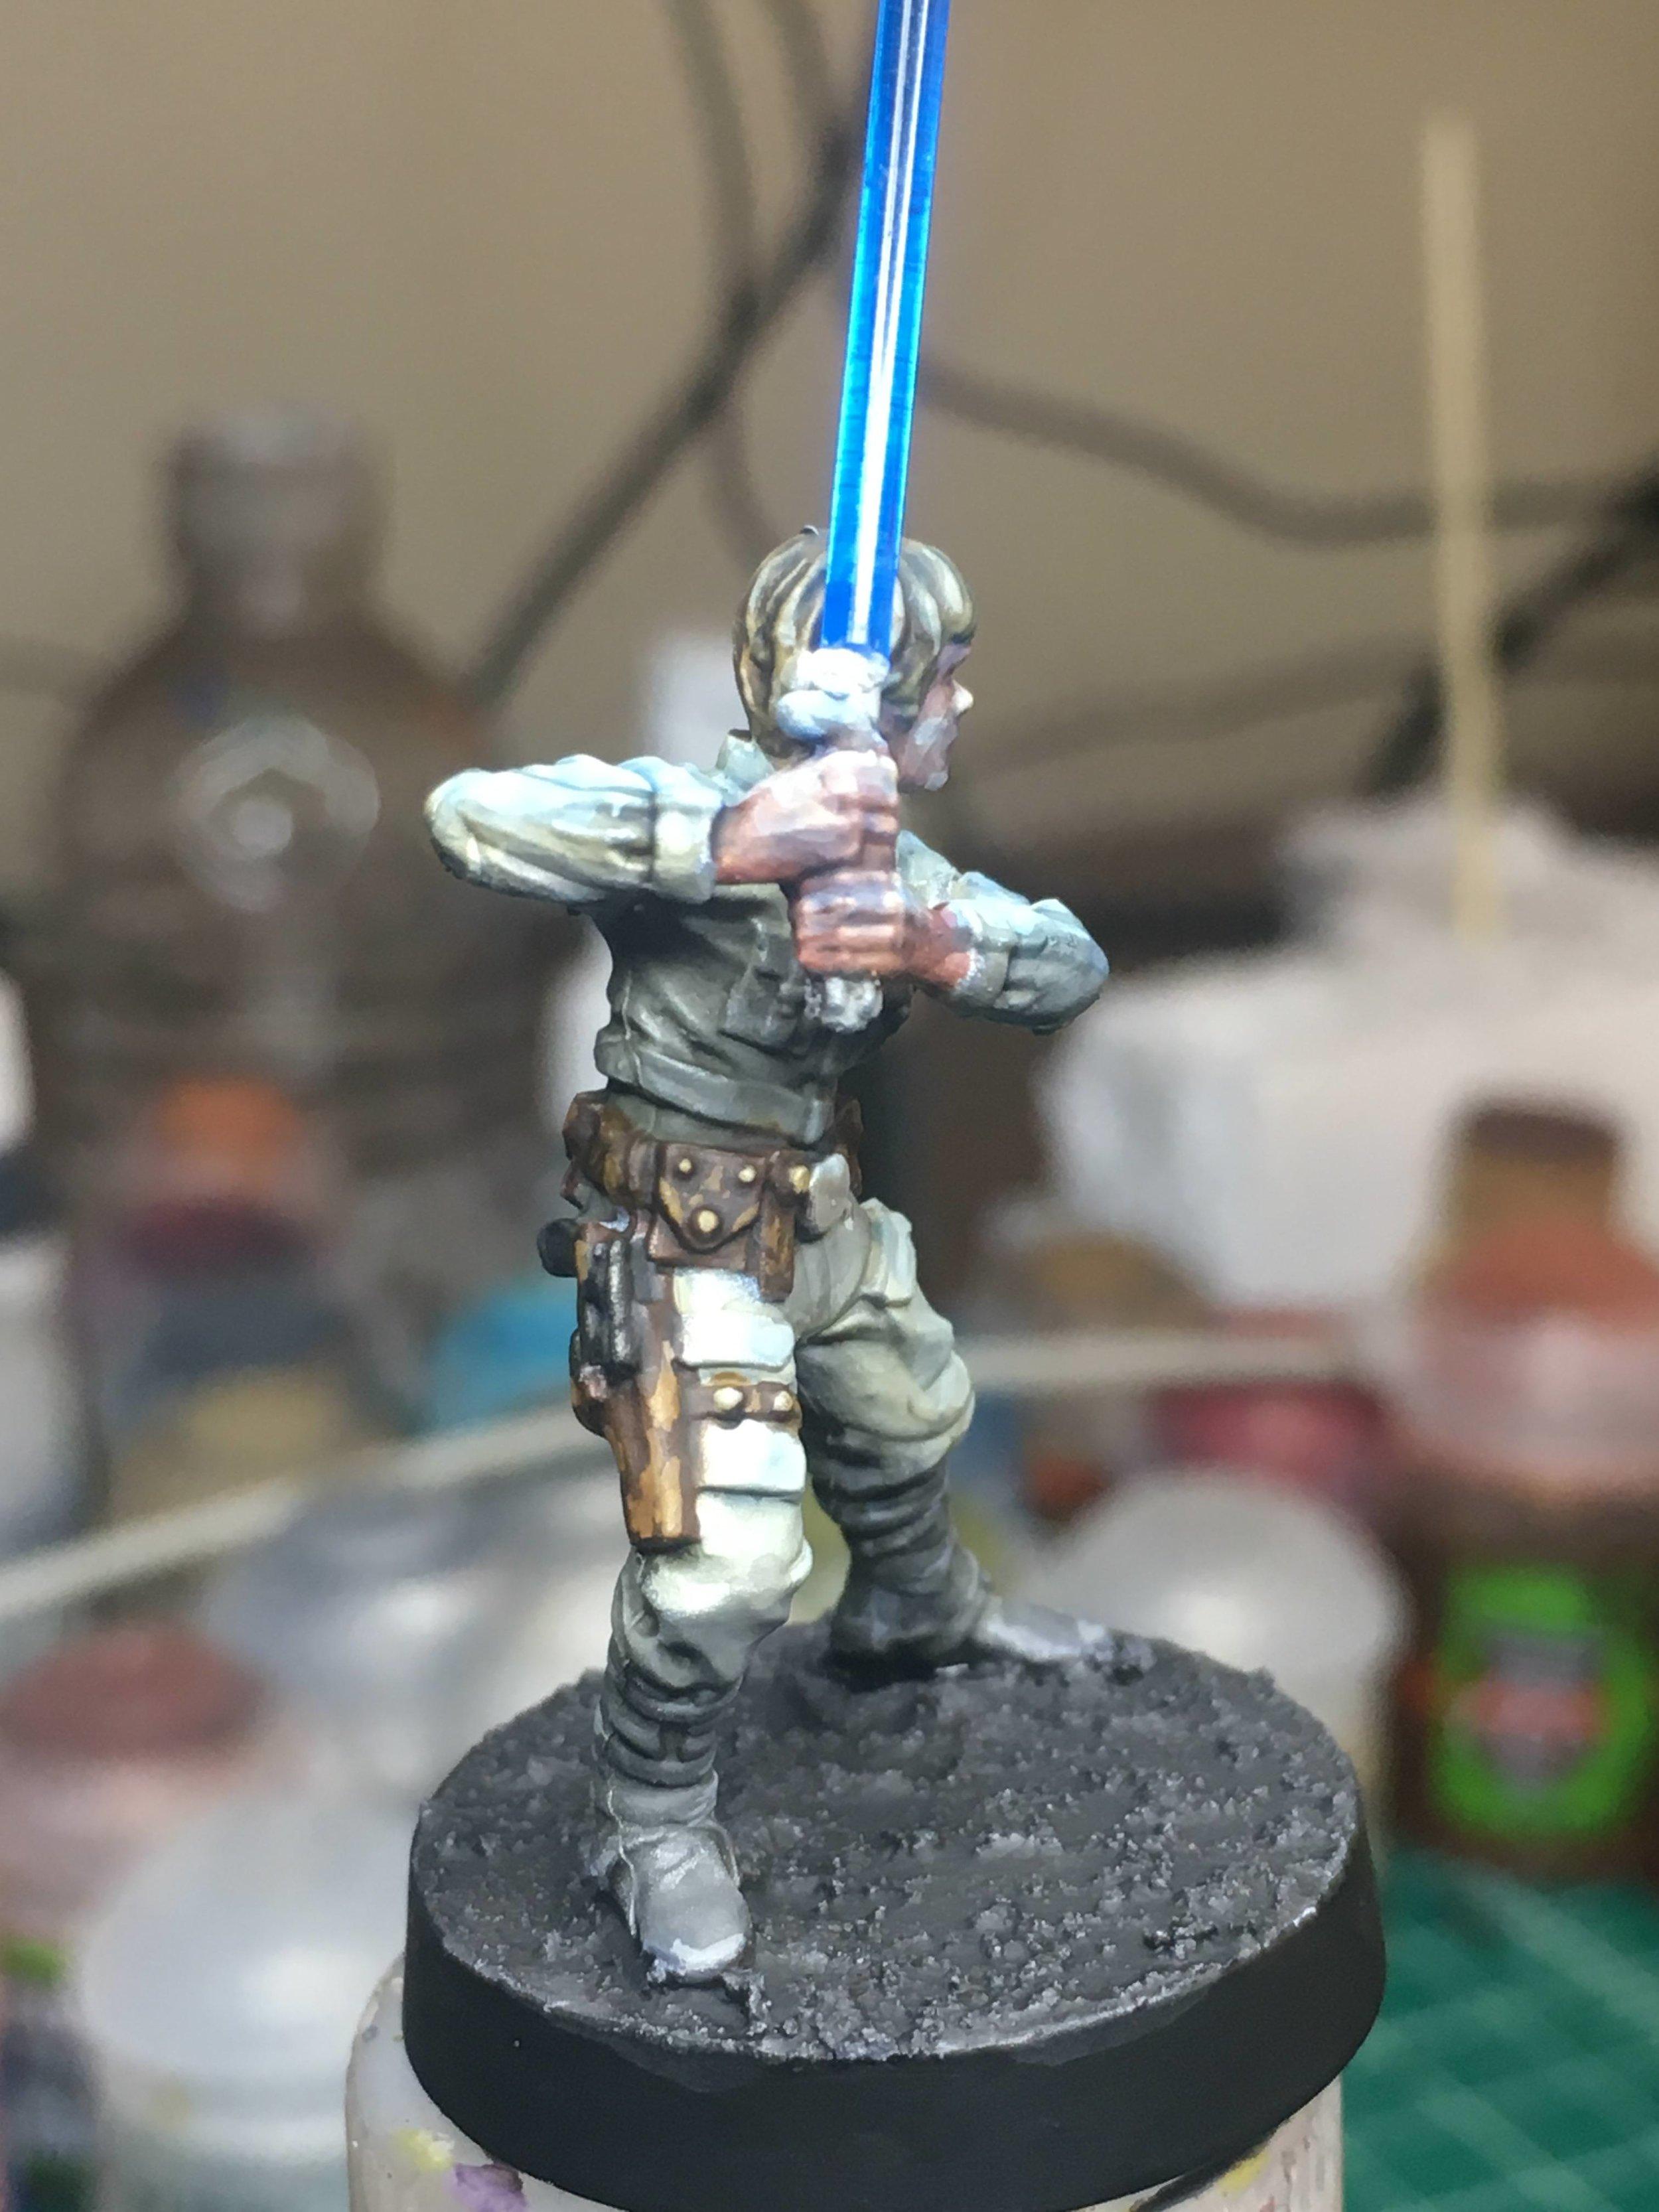 Forum Member - Zrob314 - Luke Skywalker